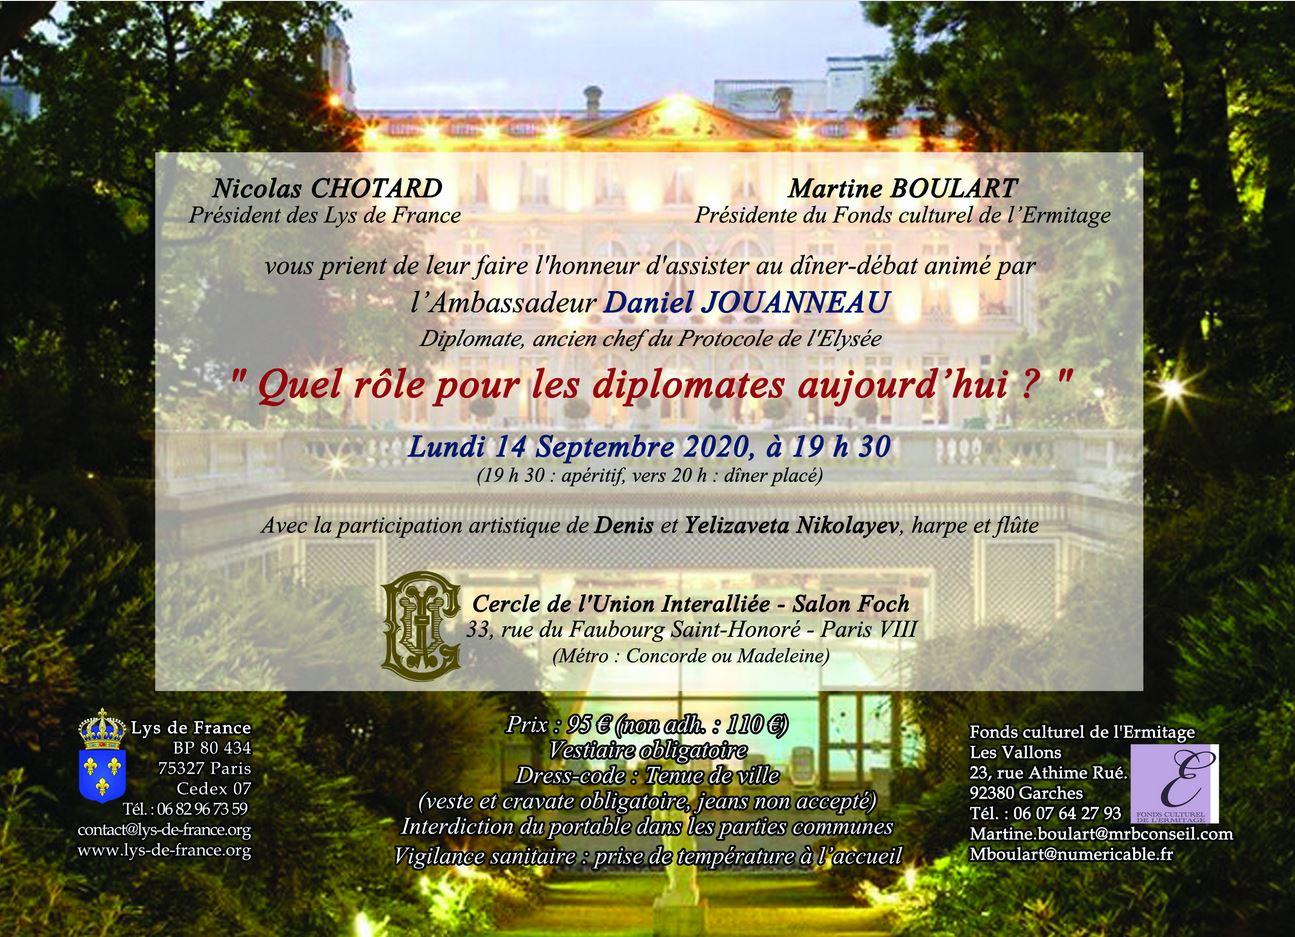 Invitation Lundi 14 Septembre 2020